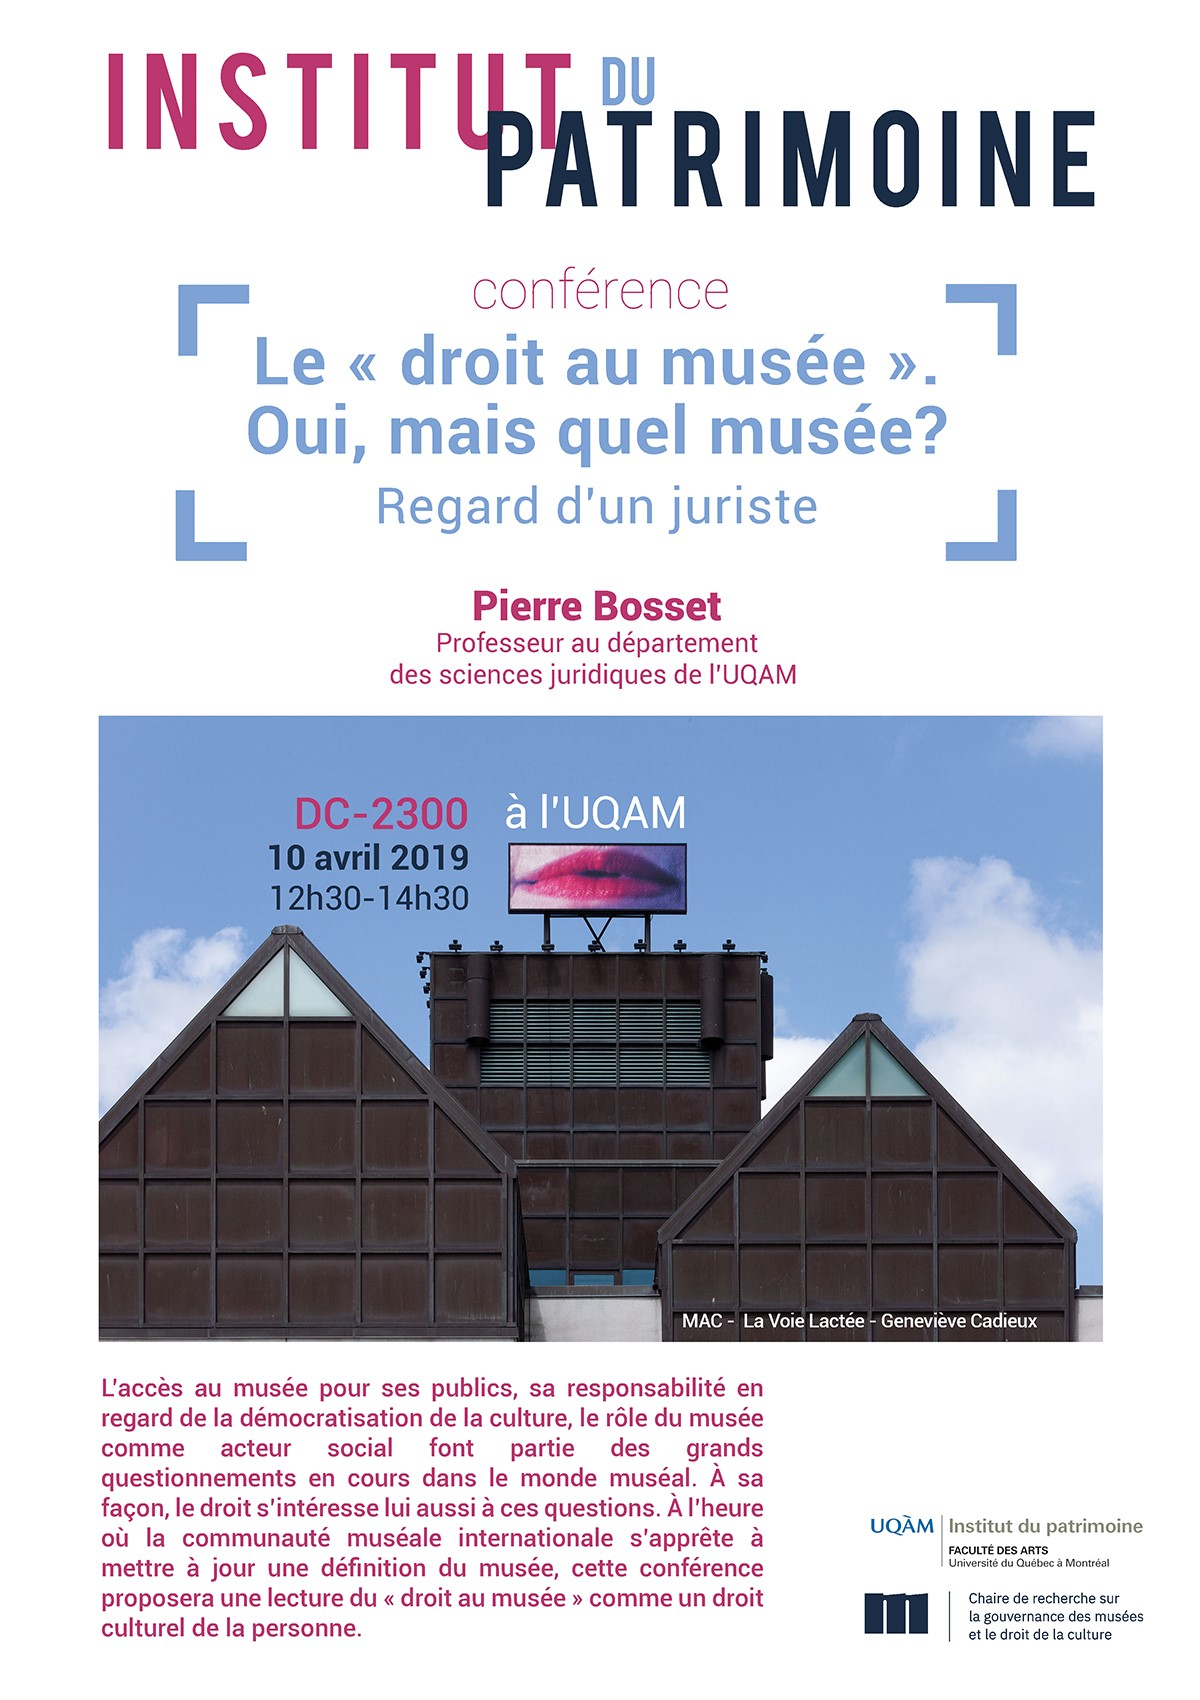 Conférence: Le « droit au musée ». Oui, mais quel musée?